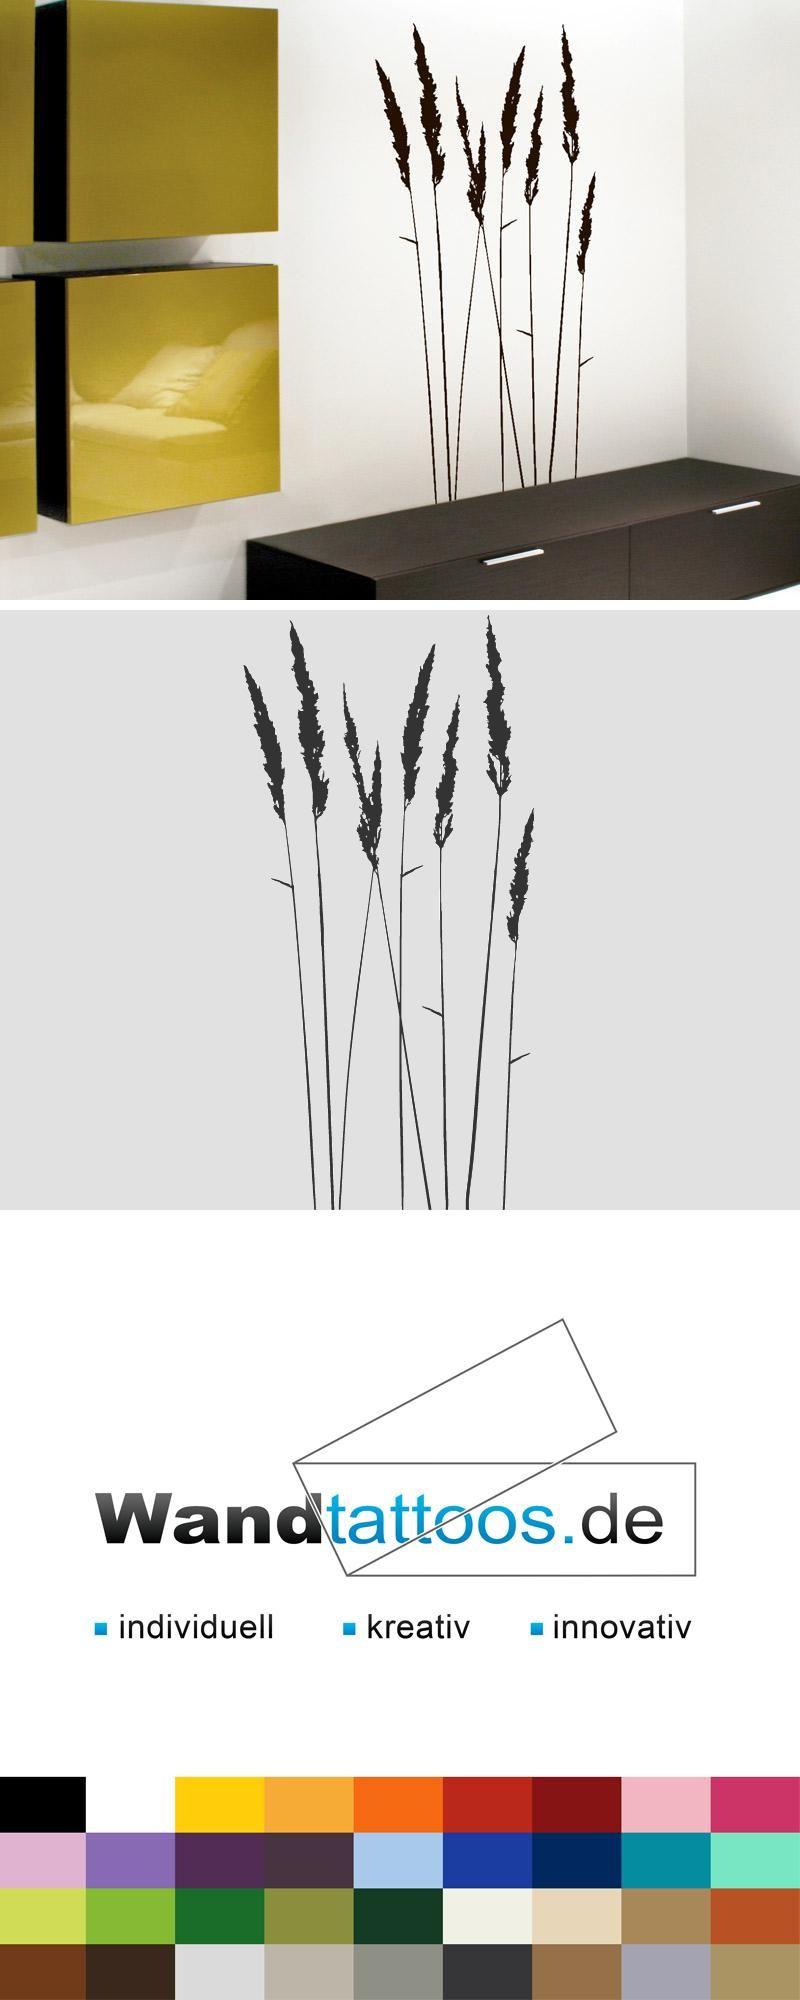 Wandtattoo Gräser als Idee zur individuellen Wandgestaltung. Einfach Lieblingsfarbe und Größe auswählen. Weitere kreative Anregungen von Wandtattoos.de hier entdecken!